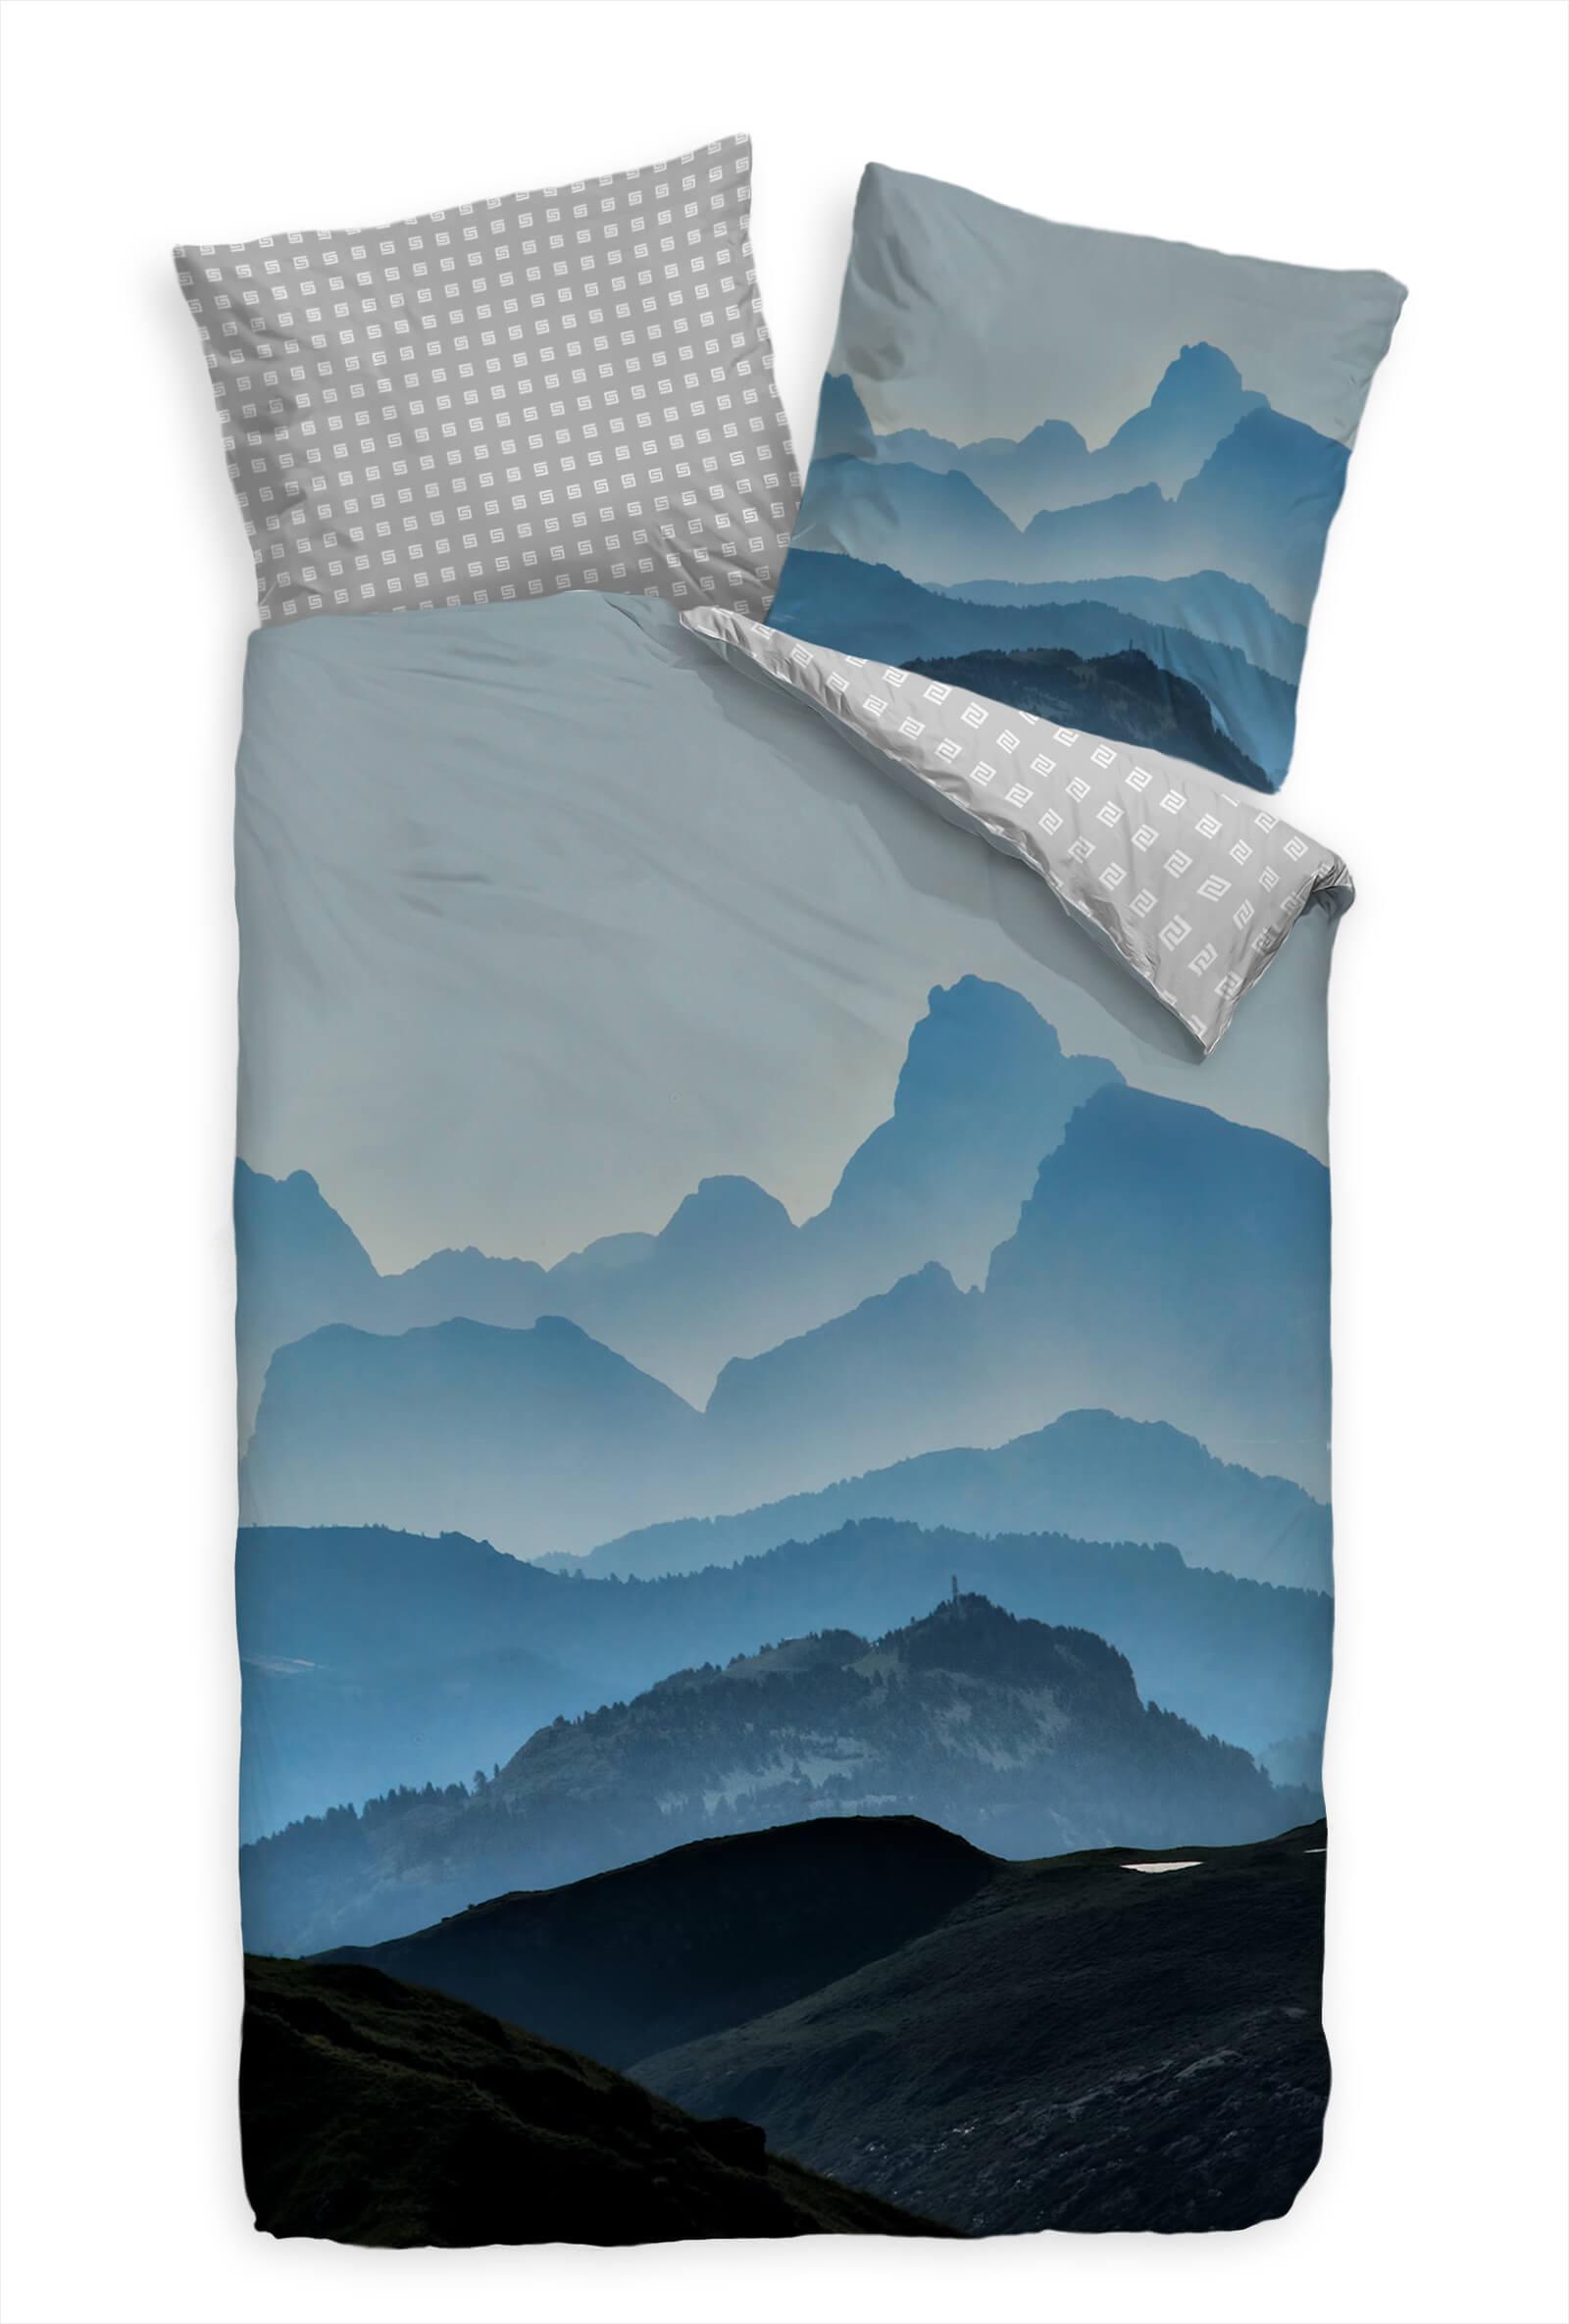 Berge Blau Kalt Panorama Bettwäsche Set 135x200 cm  80x80cm  Atmungsaktiv   Elegante und robuste Verpackung